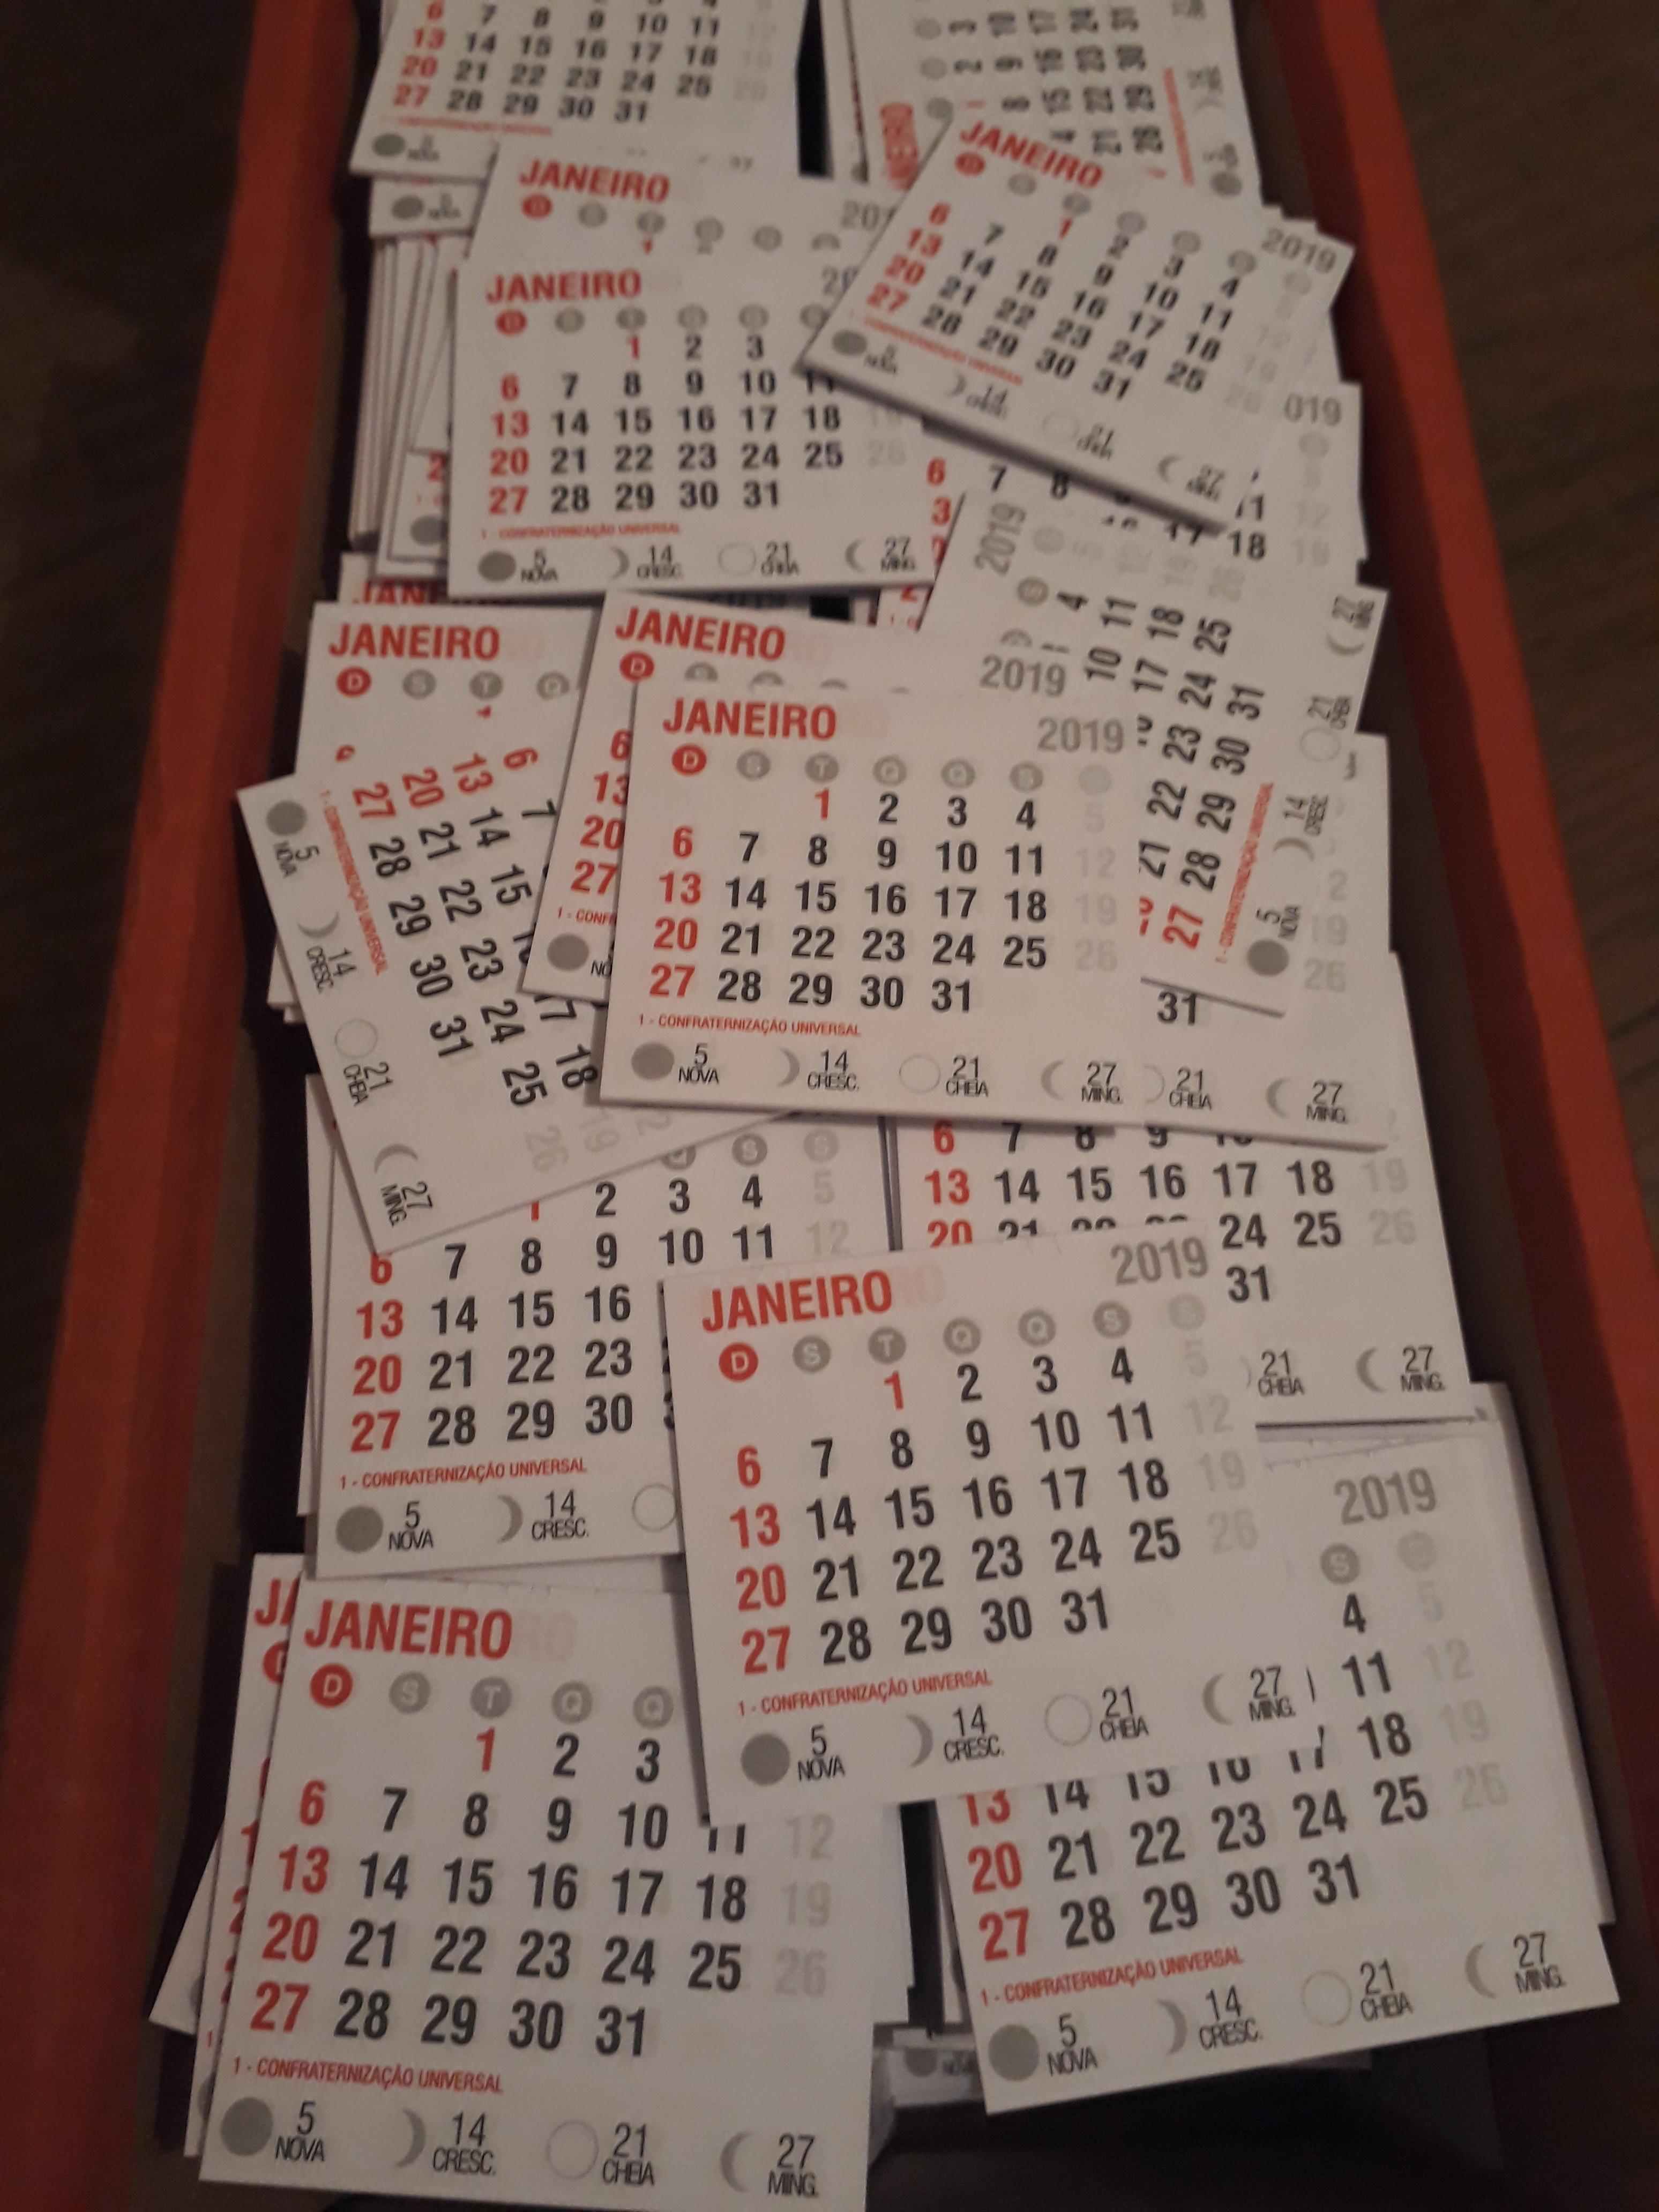 Calendario Letivo 2019 Brasil Más Actual Calendário Folhinha Of Calendario Letivo 2019 Brasil Más Reciente Planner 2019 Panda Menino Calendario 2019 E 2020